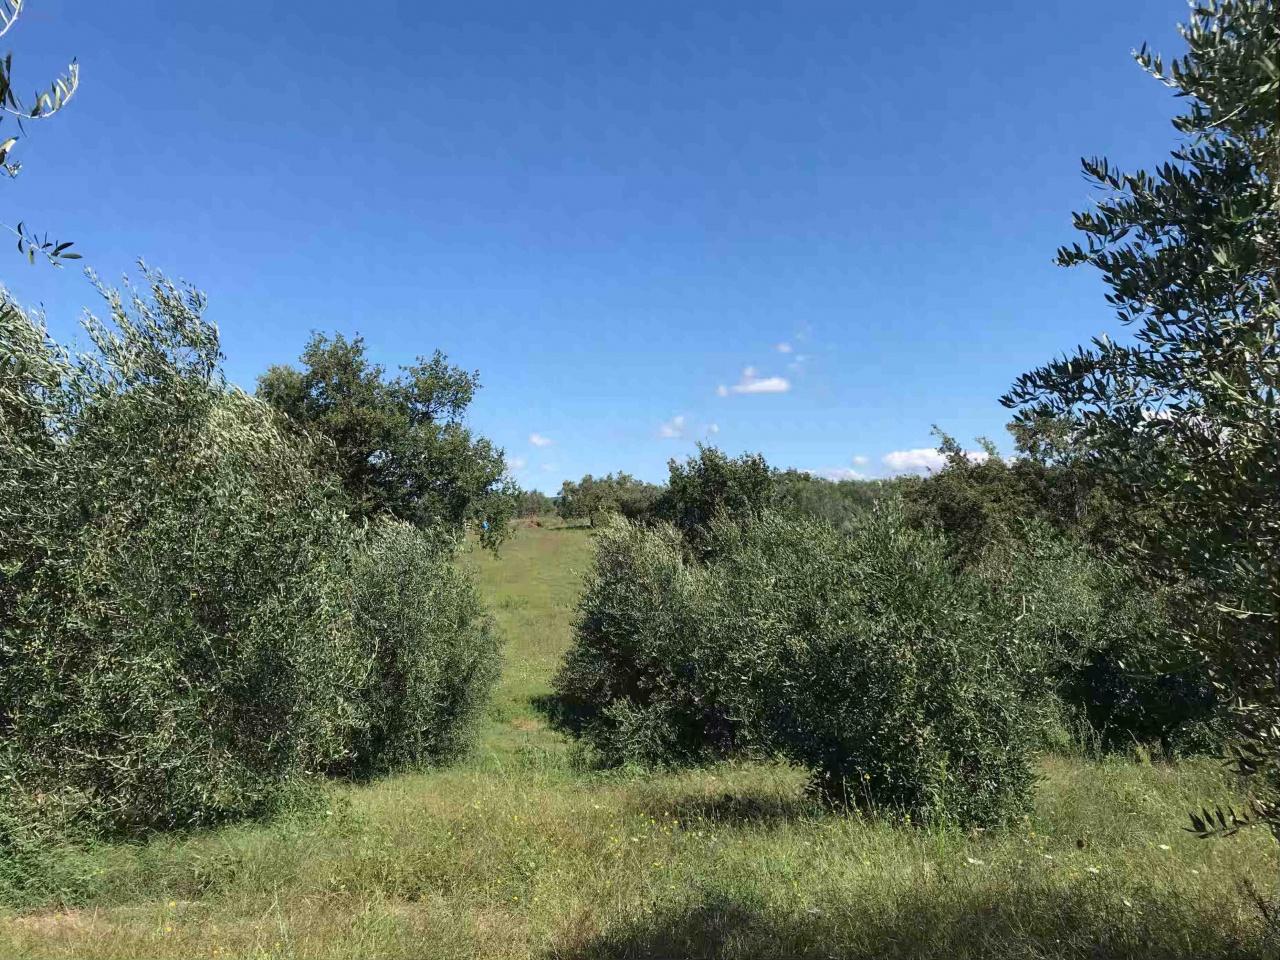 Terreno Agricolo in vendita a Sorano, 9999 locali, prezzo € 50.000 | CambioCasa.it